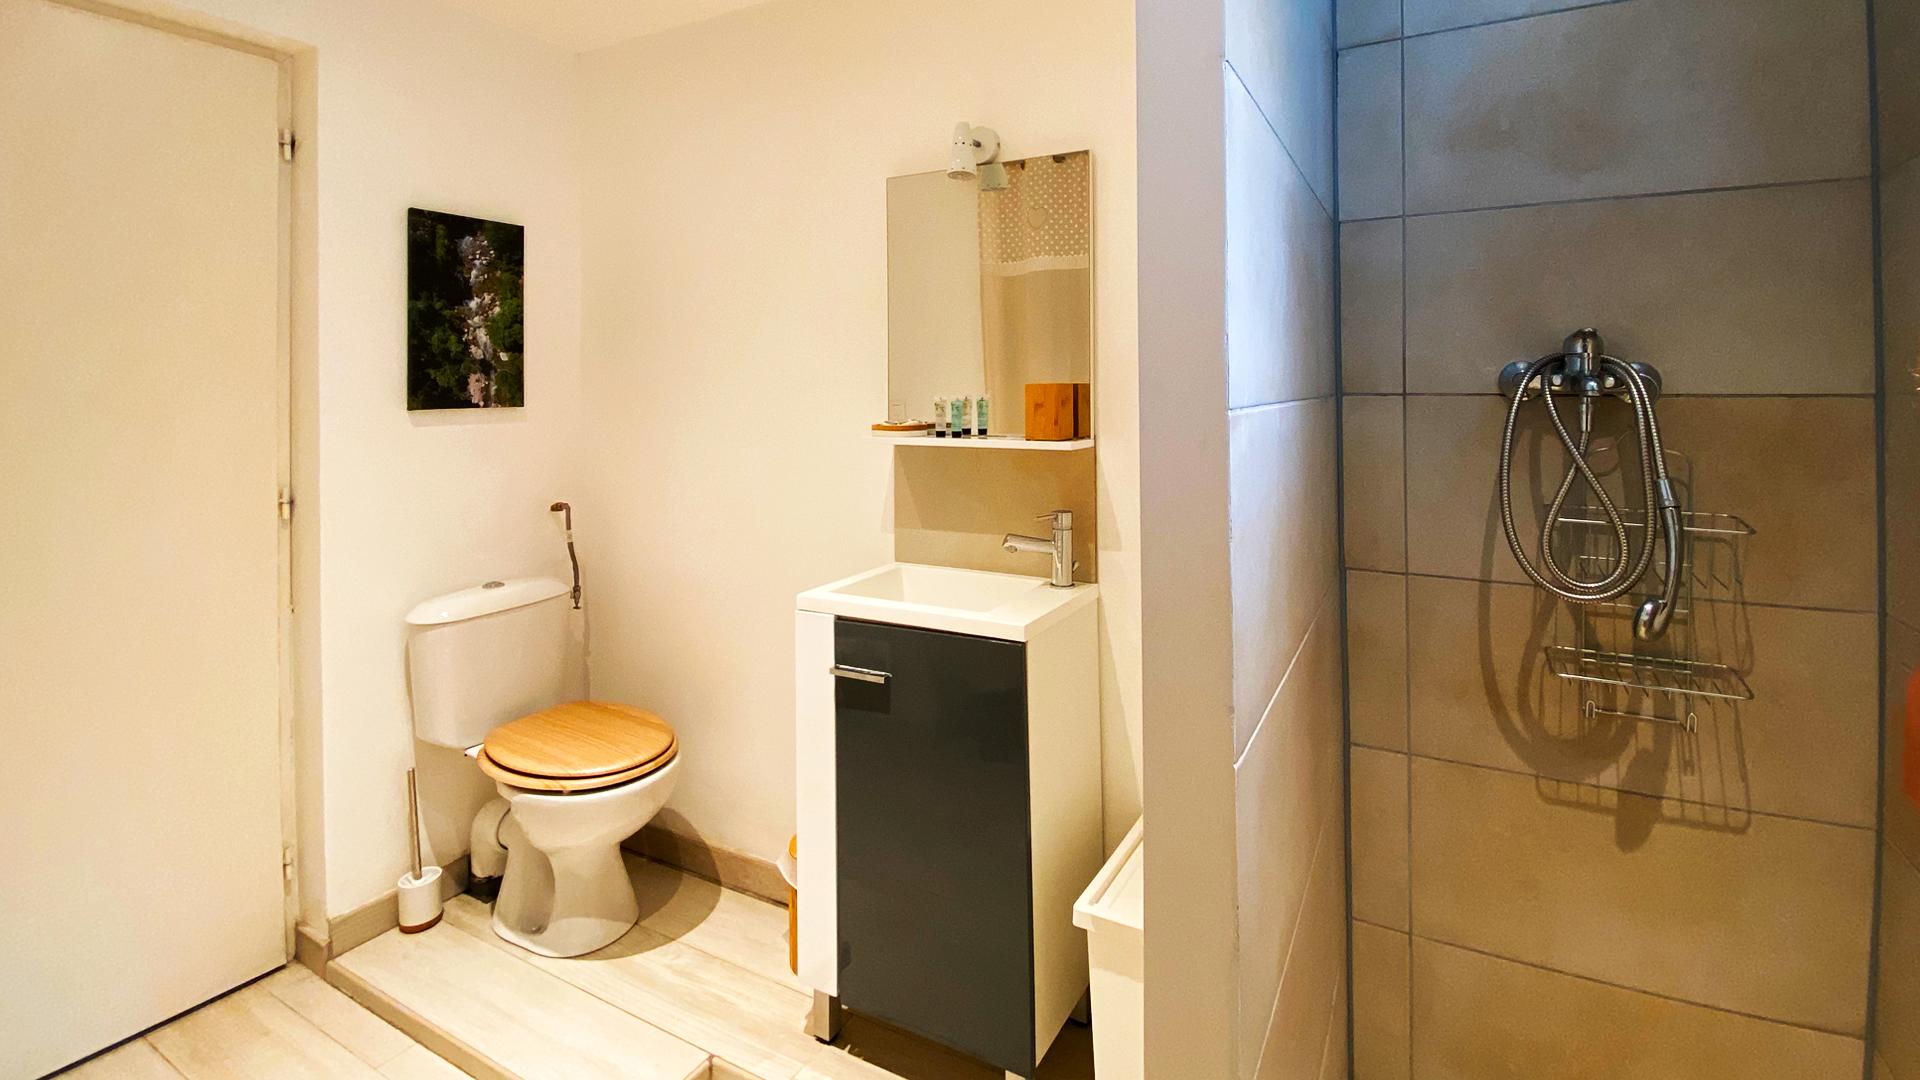 Location douche italienne Vernet-les-Bains